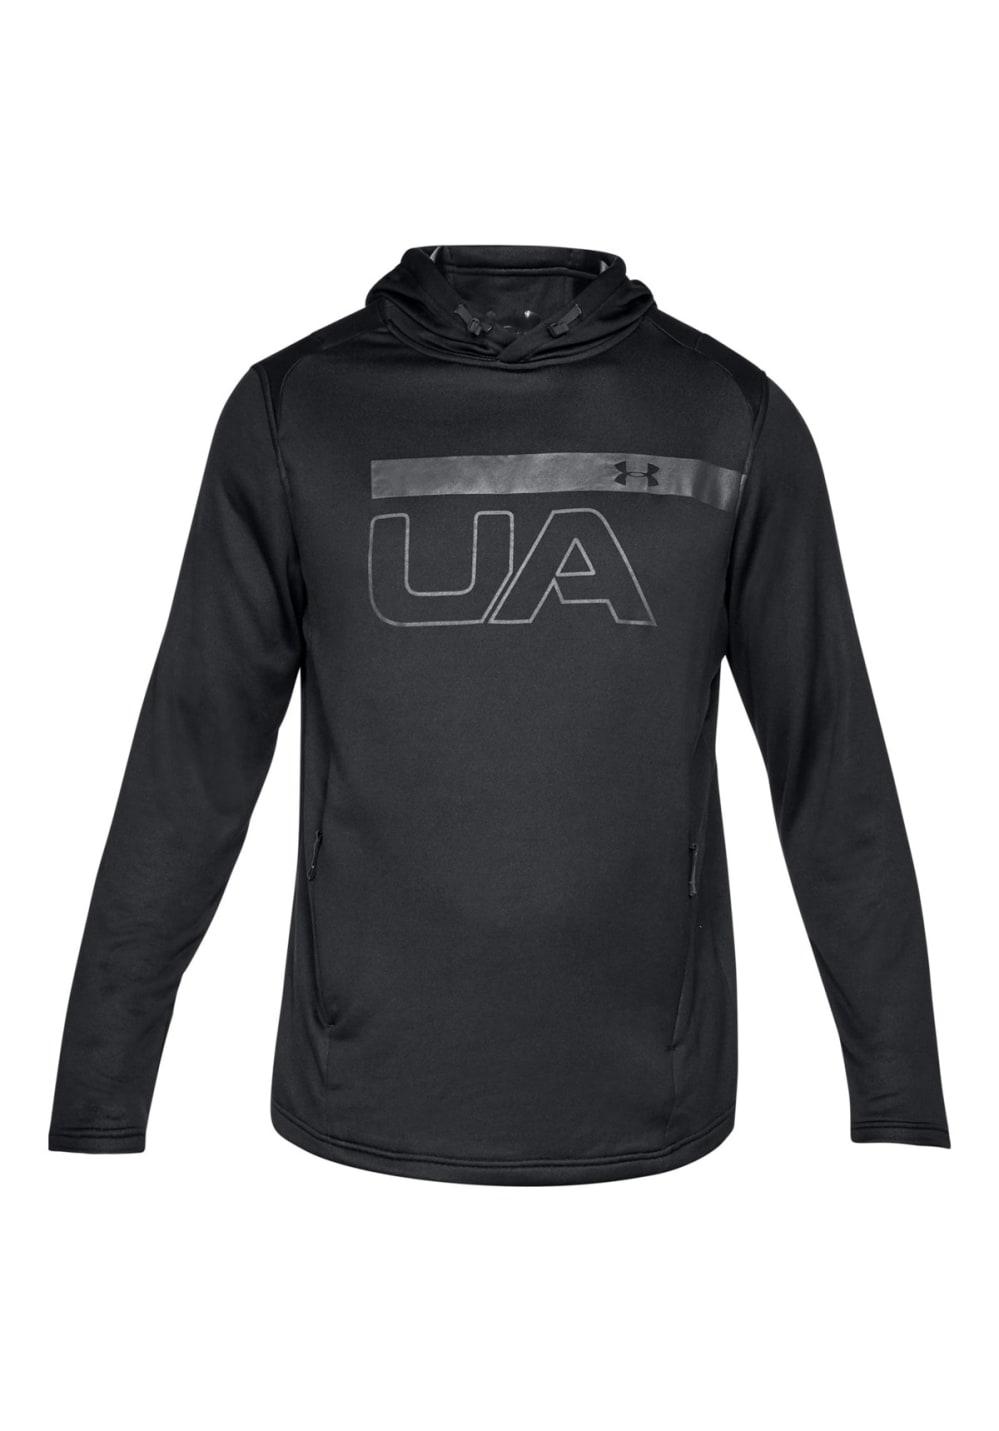 Under Armour MK1 Terry Graphic Hoodie - Sweatshirts & Hoodies für Herren - Schwarz